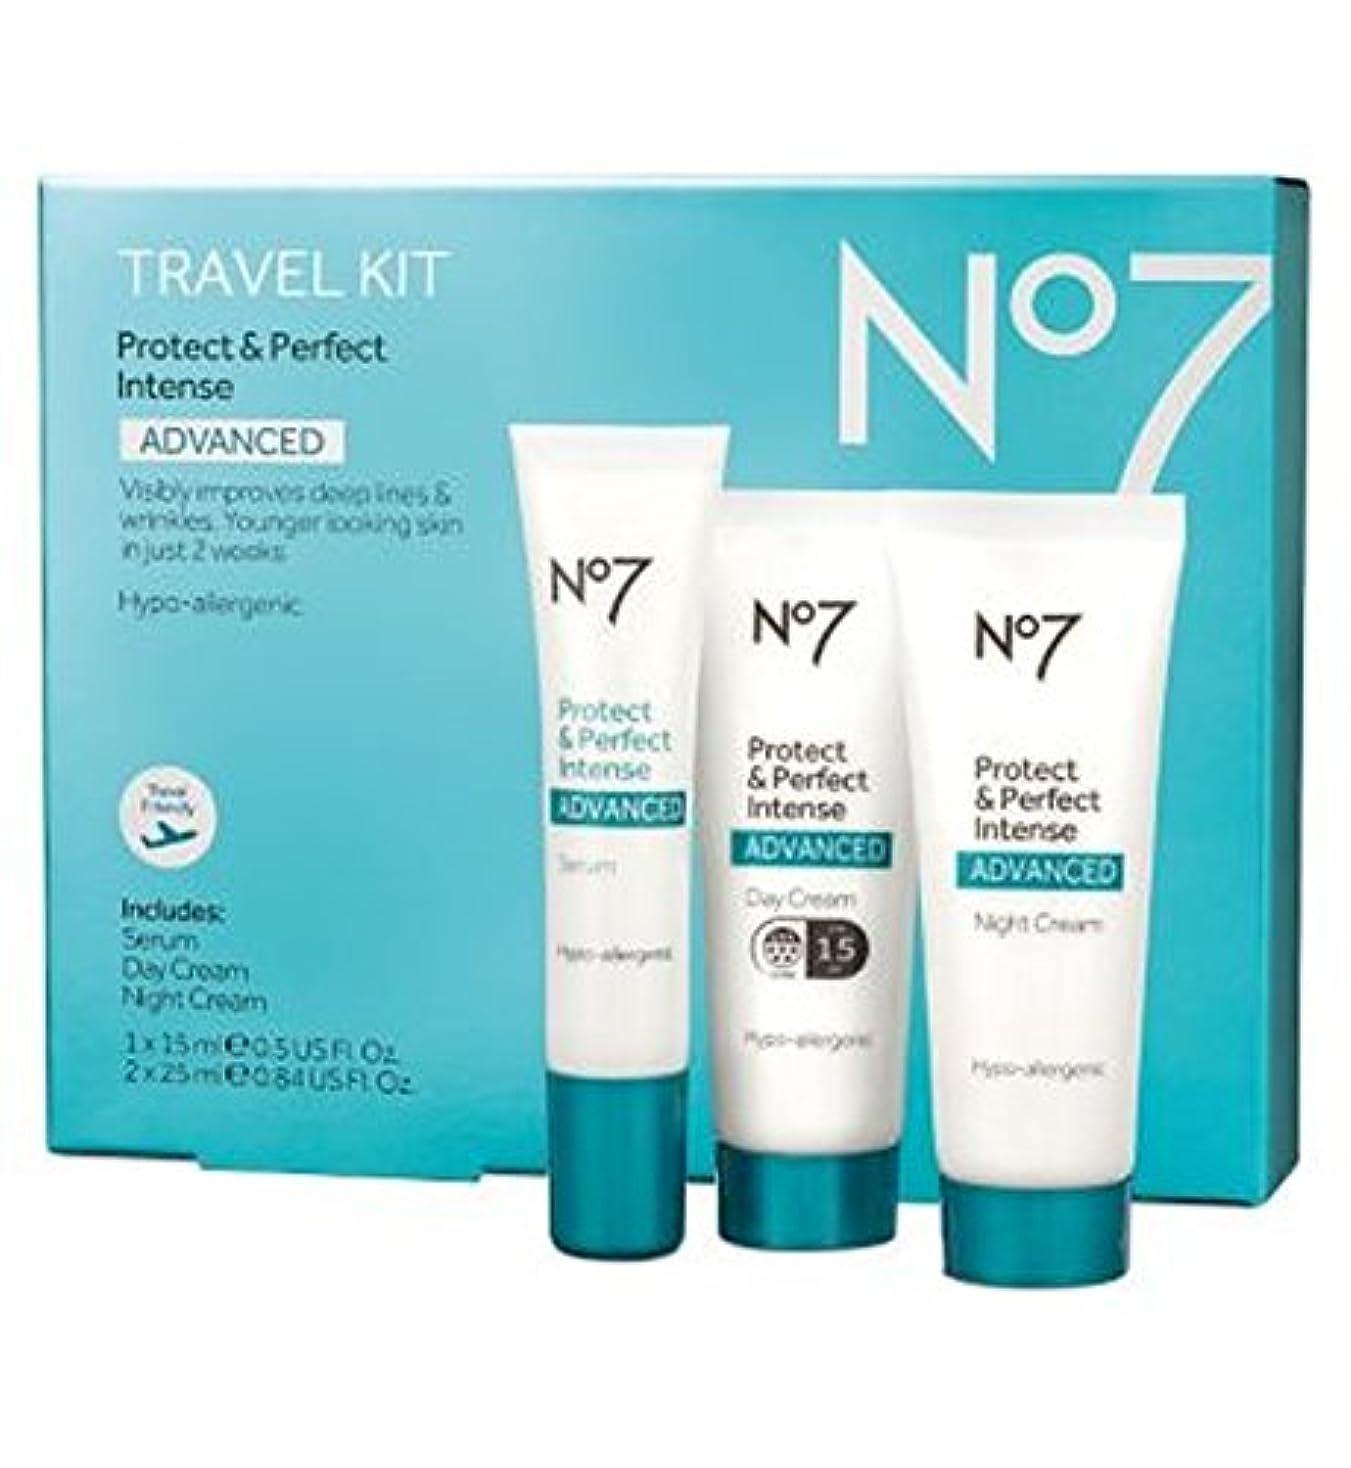 オーバーランクラック大臣No7保護&完璧な強烈な高度な旅行キット (No7) (x2) - No7 Protect & Perfect Intense ADVANCED Travel Kit (Pack of 2) [並行輸入品]